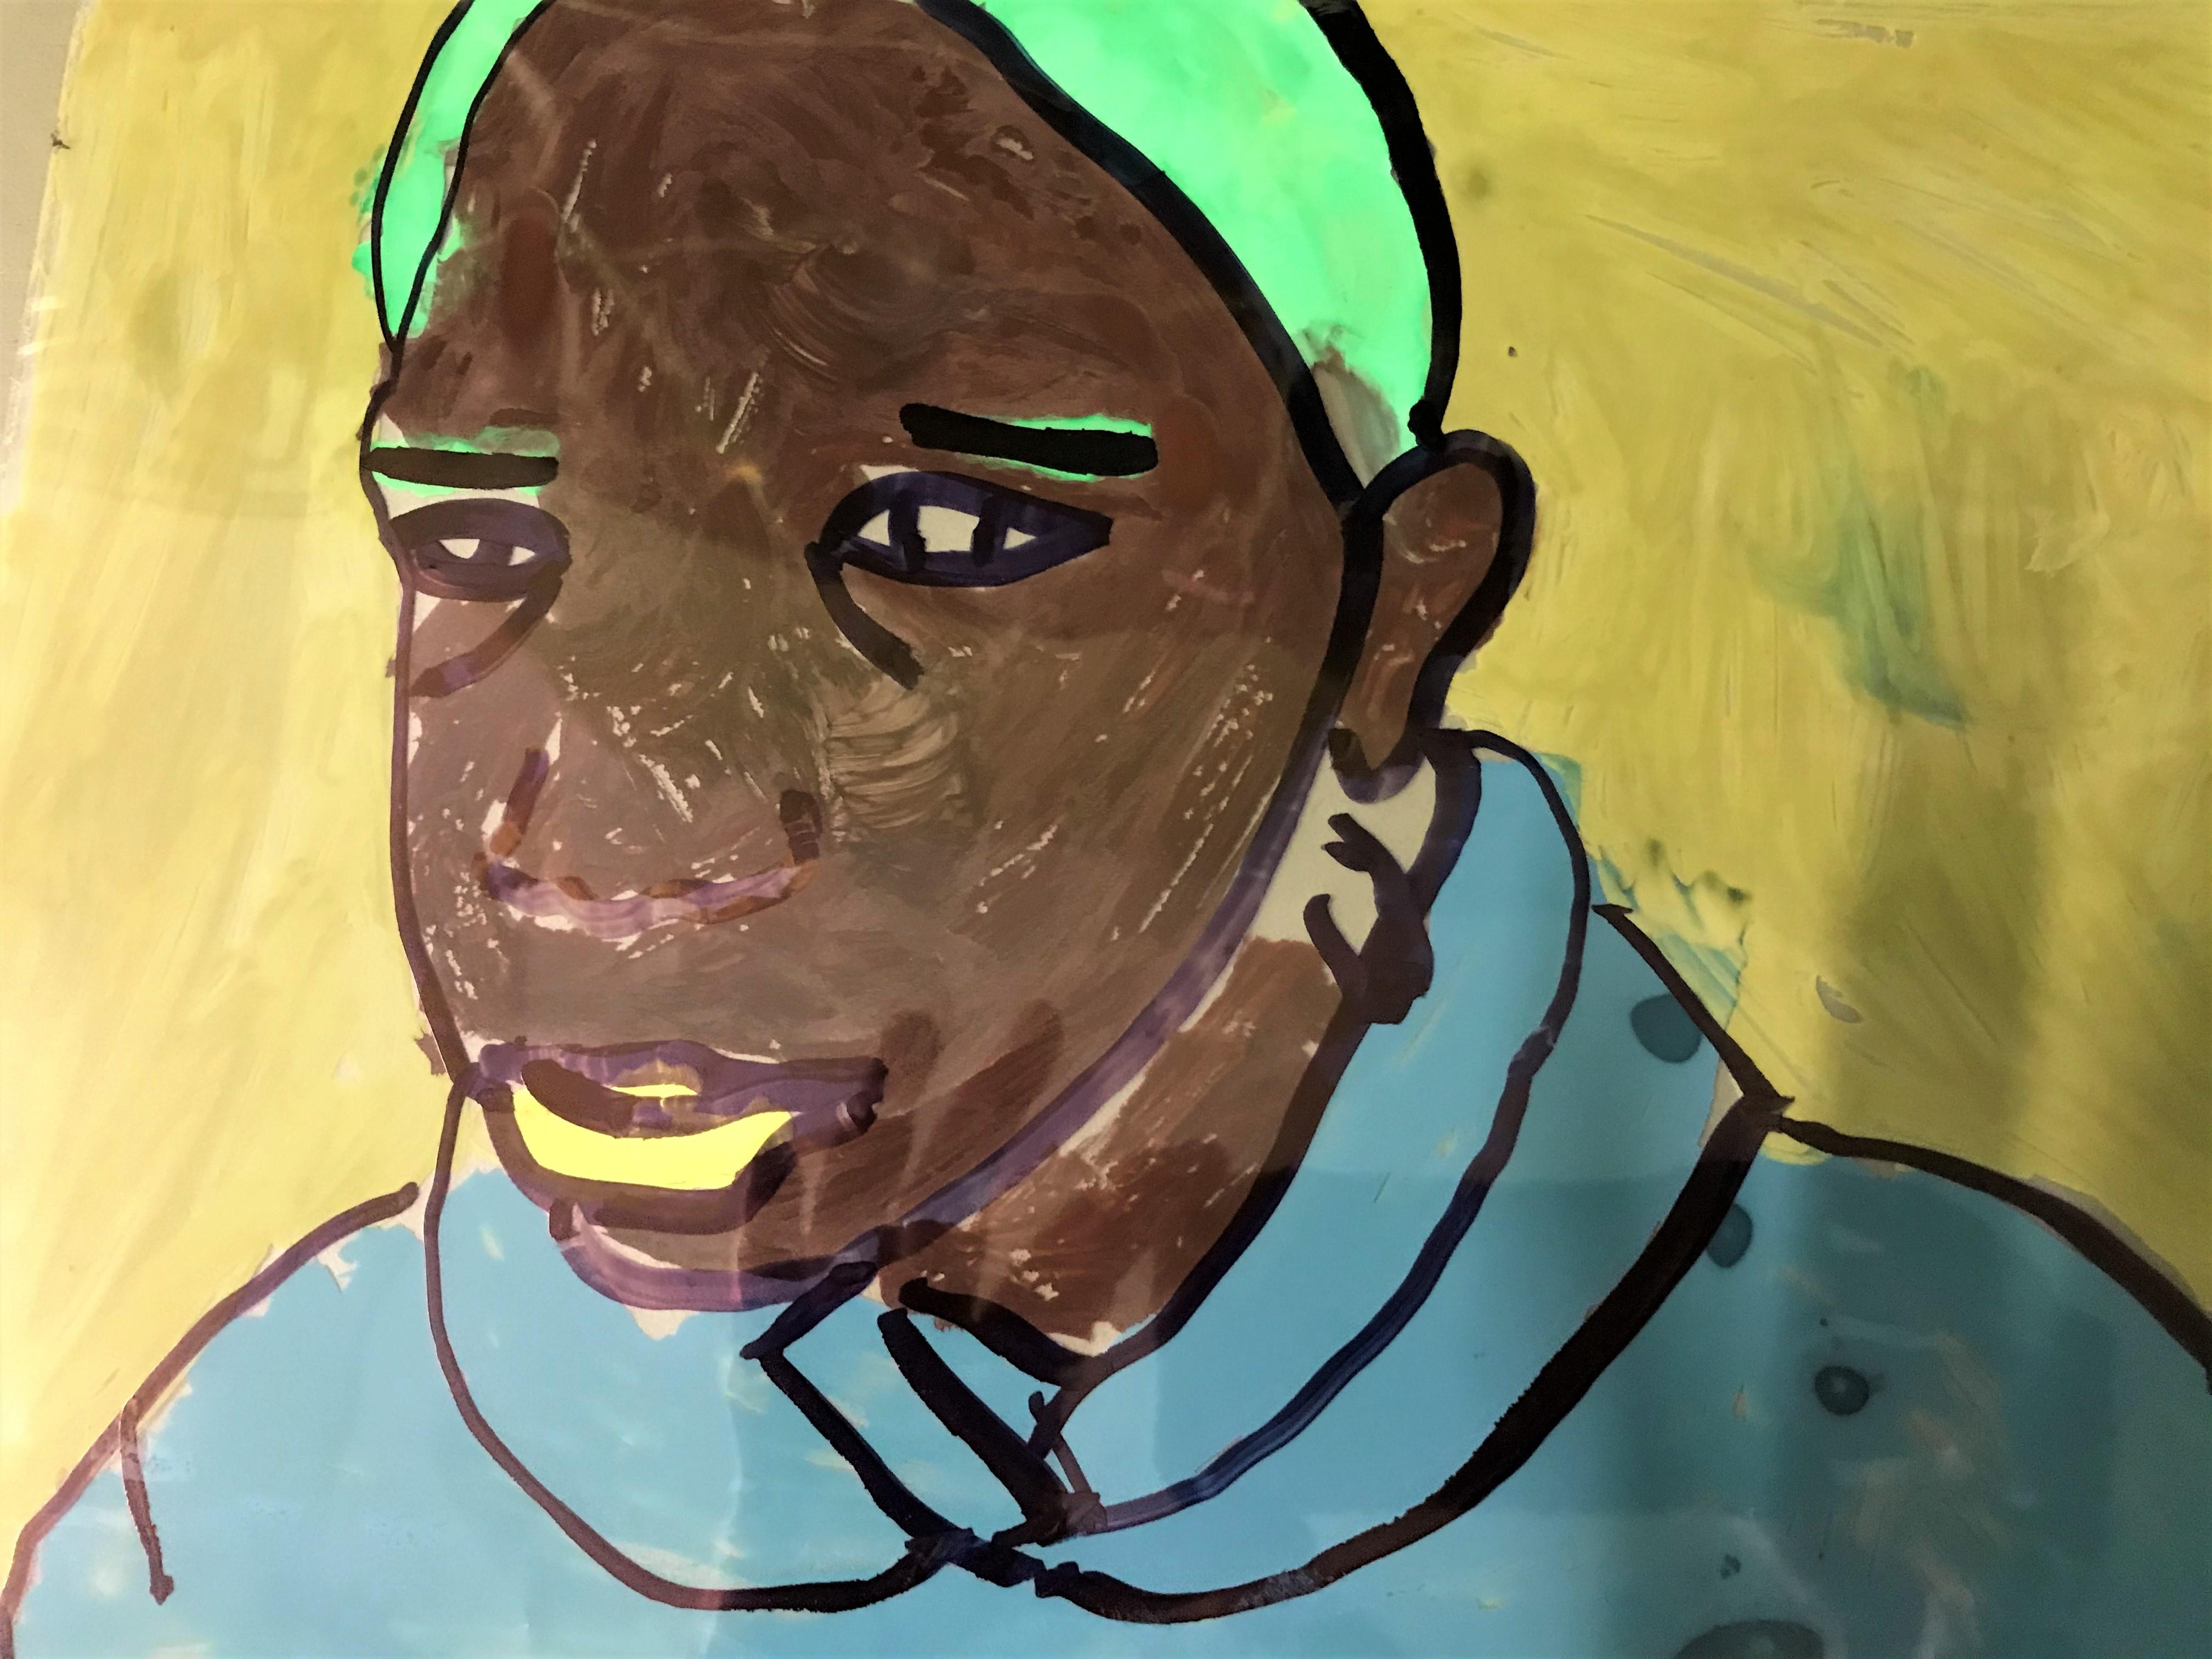 a portrait drawn on acetate with simple colour palette